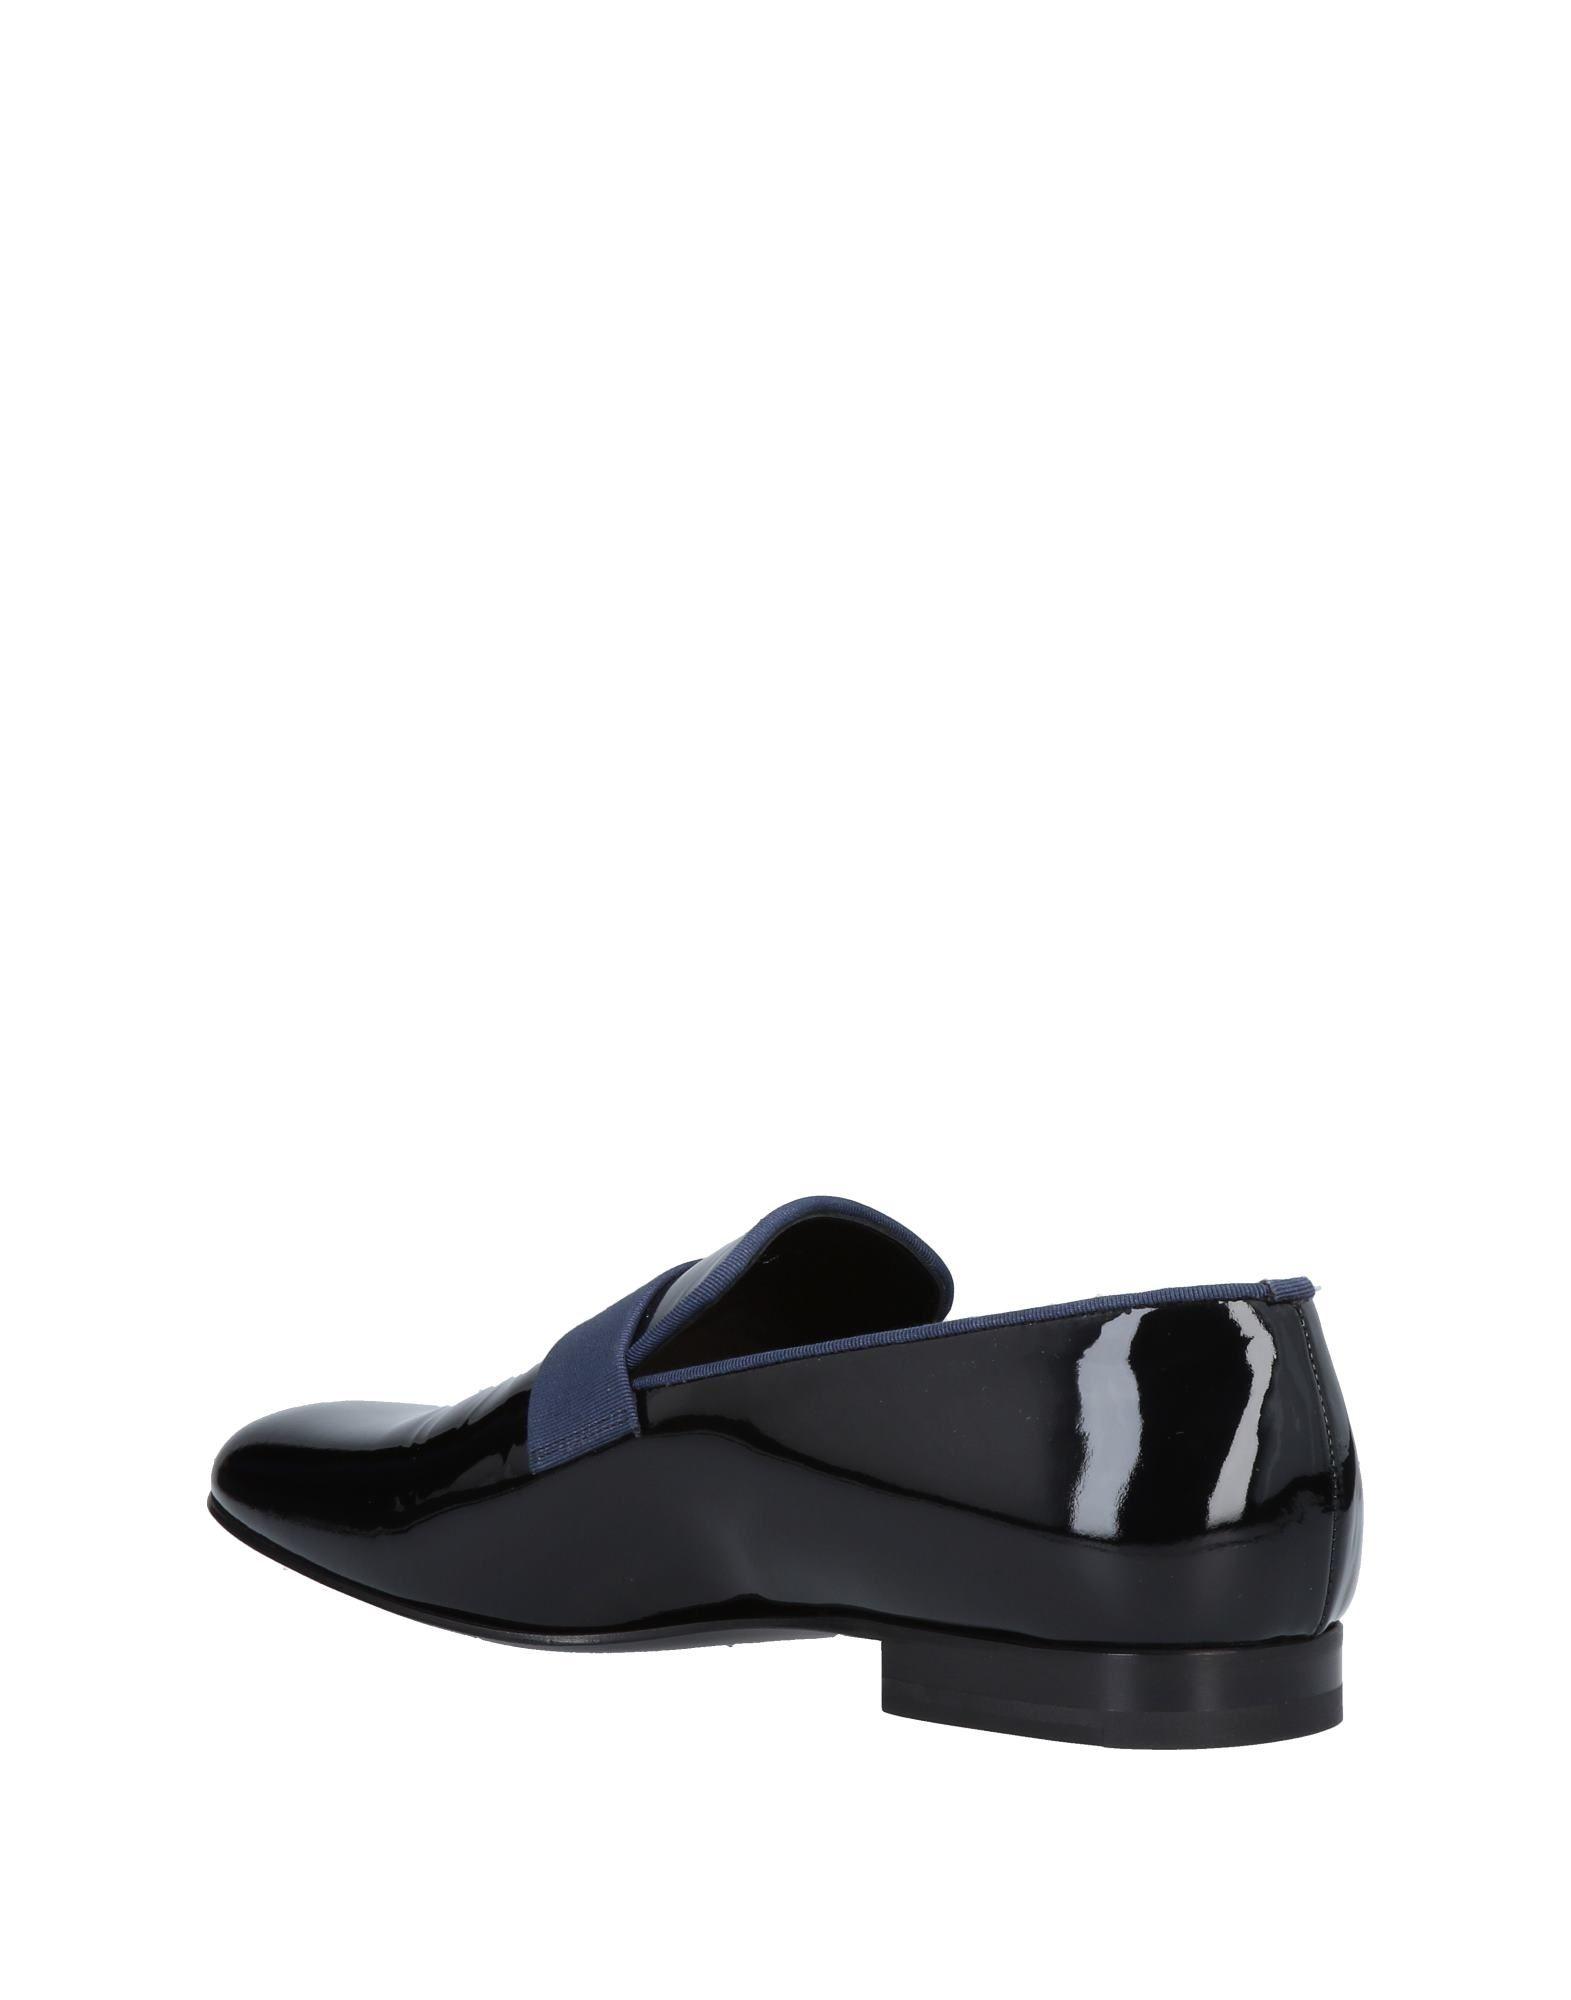 Olgana Paris Mokassins Herren  11472930JW Gute Qualität beliebte Schuhe